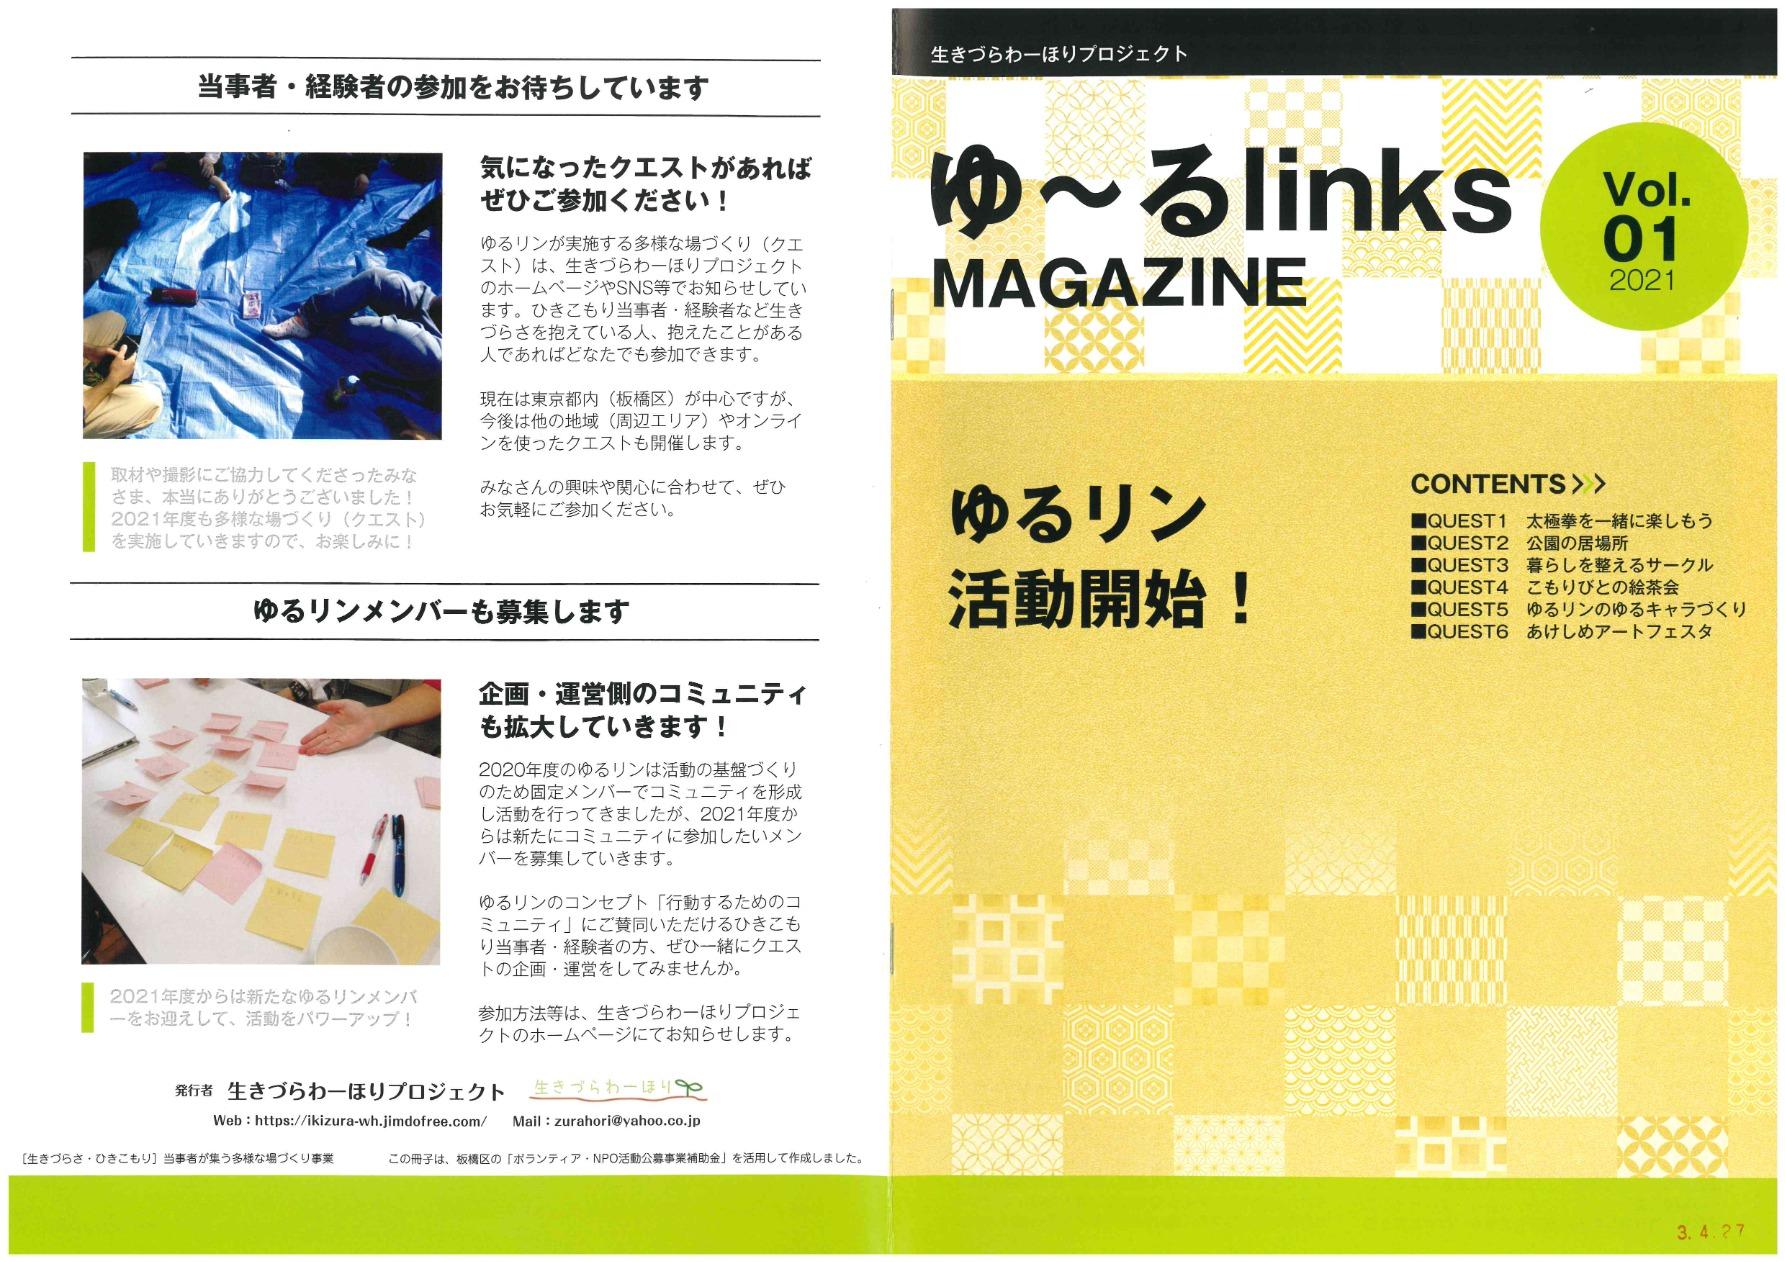 生きづらわーほりプロジェクト ゆ~るlinks MAGAZINE Vol.01